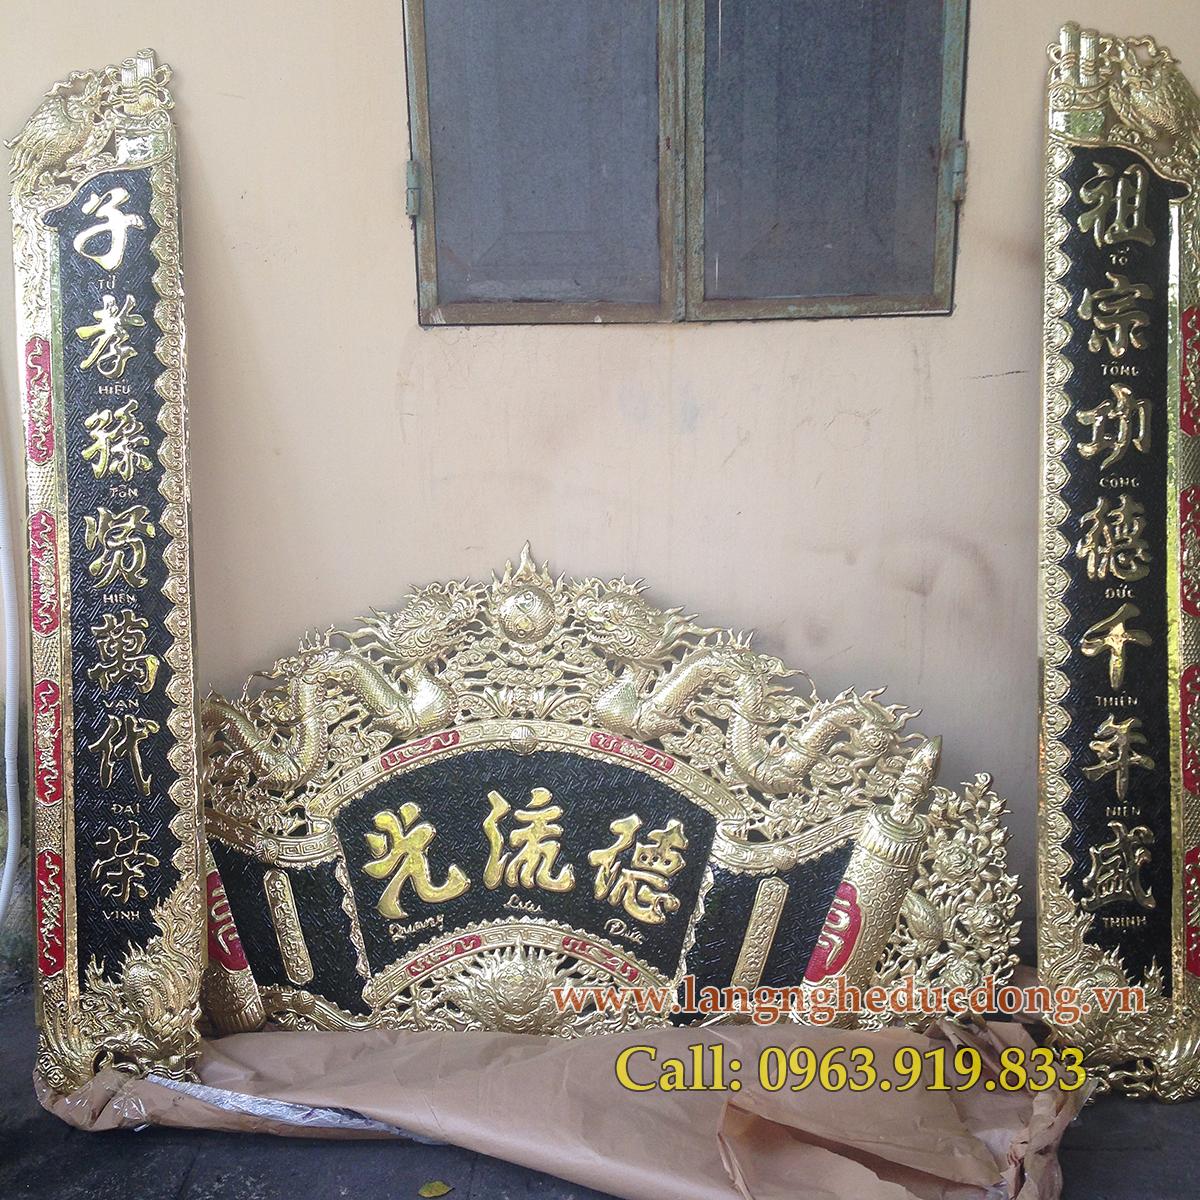 langngheducdong.vn - cuốn thư Đức Lưu Quang 1m55